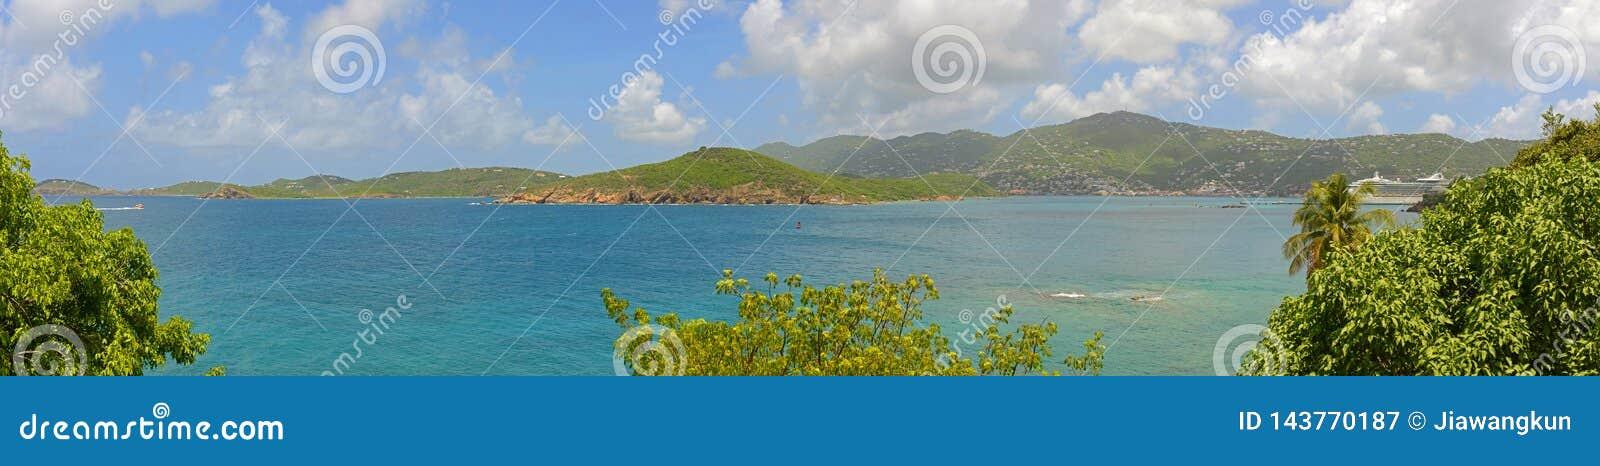 Πανόραμα κόλπων Pacquereau, ST Thomas, αμερικανικοί Παρθένοι Νήσοι